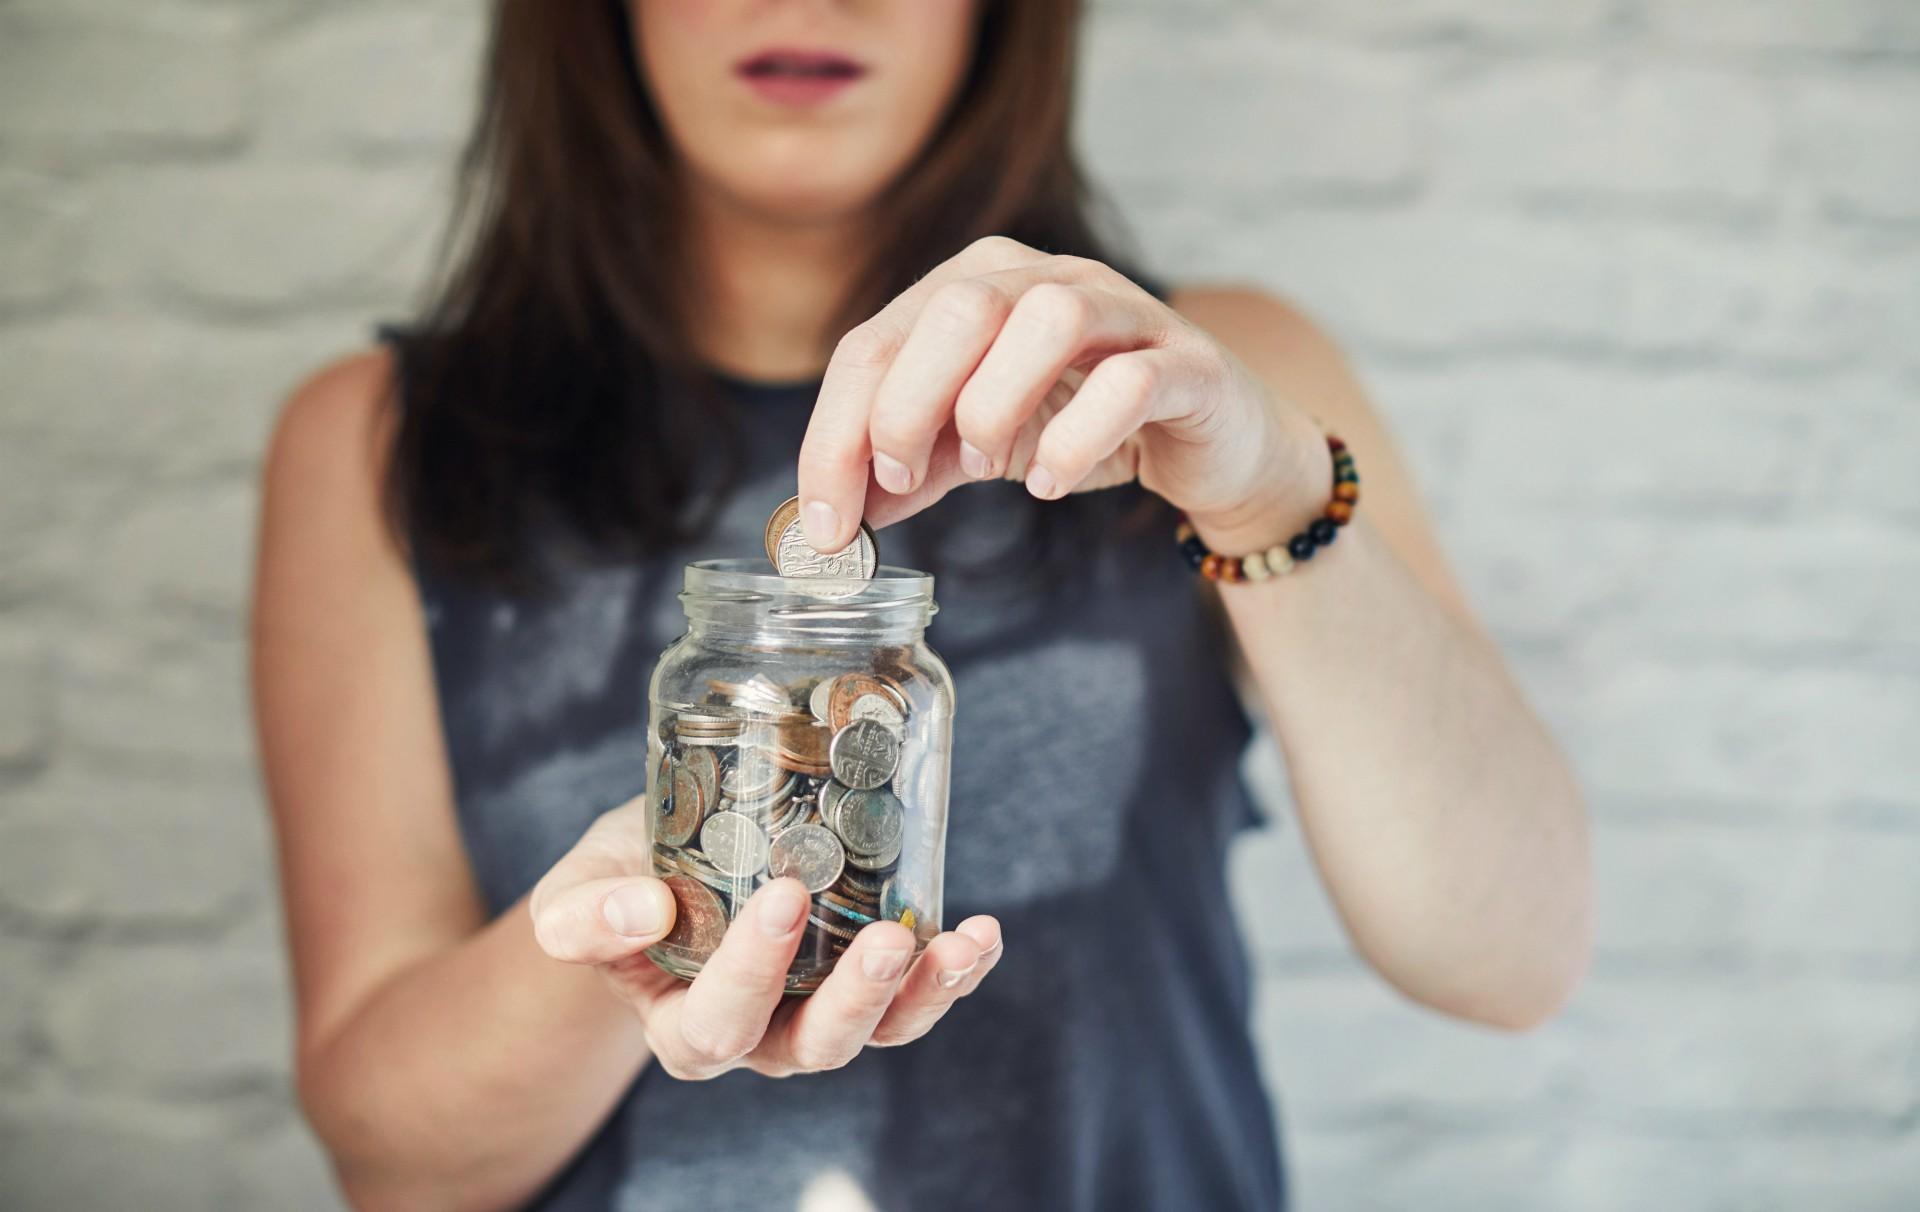 Shop Smart, Save Money